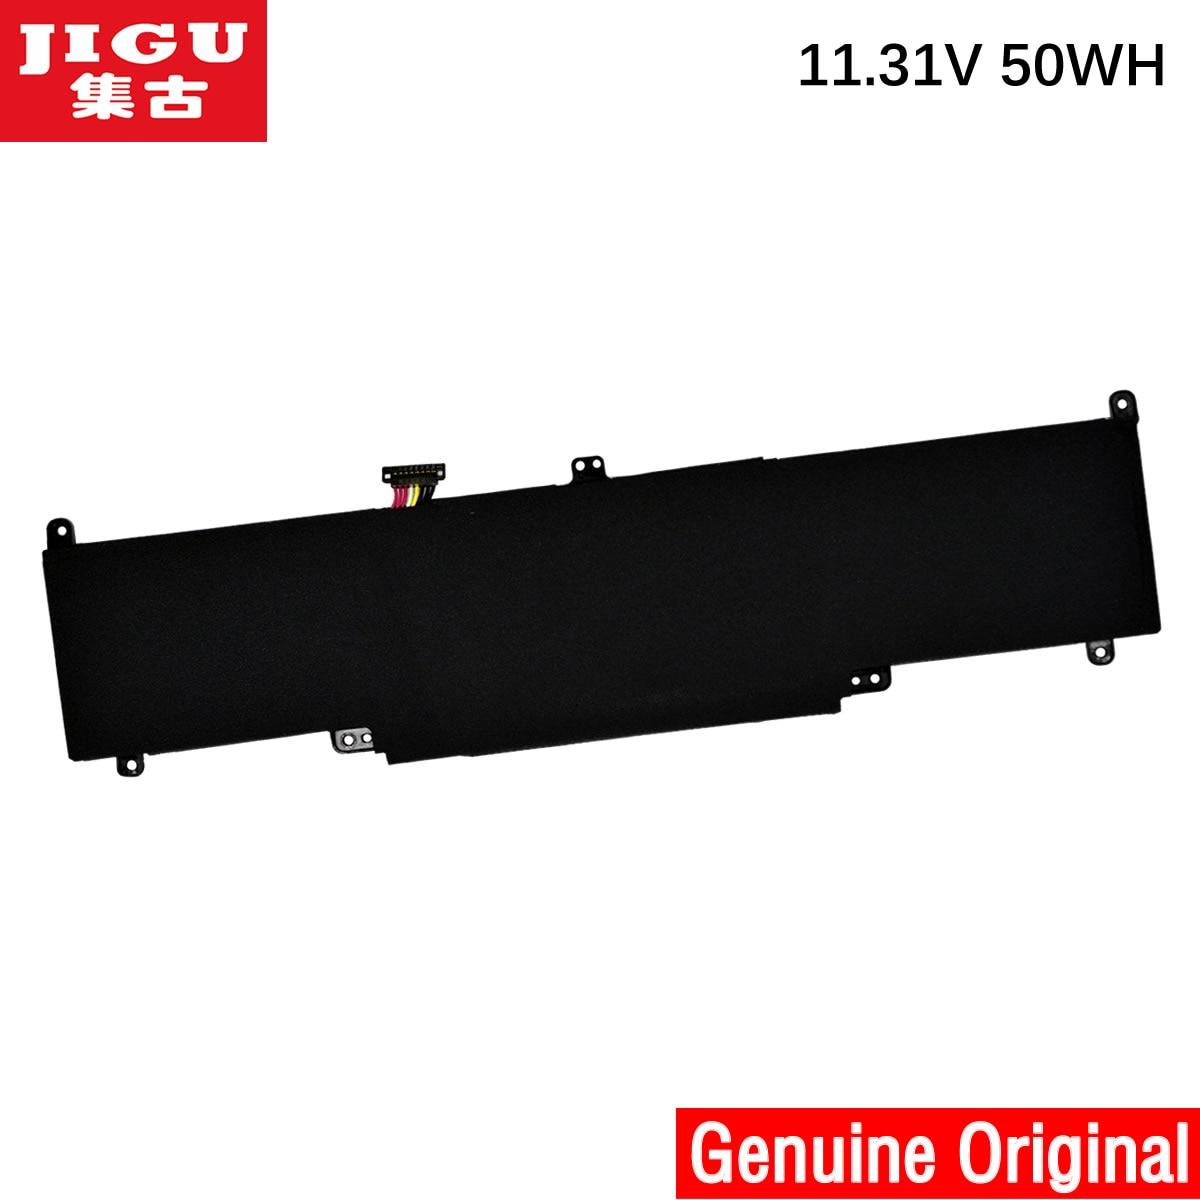 JIGU Original Laptop Battery C31N1339 For ASUS U303LN5010 U303LN5200 UX303LN4510 For ZenBook UX303L UX303LN Series